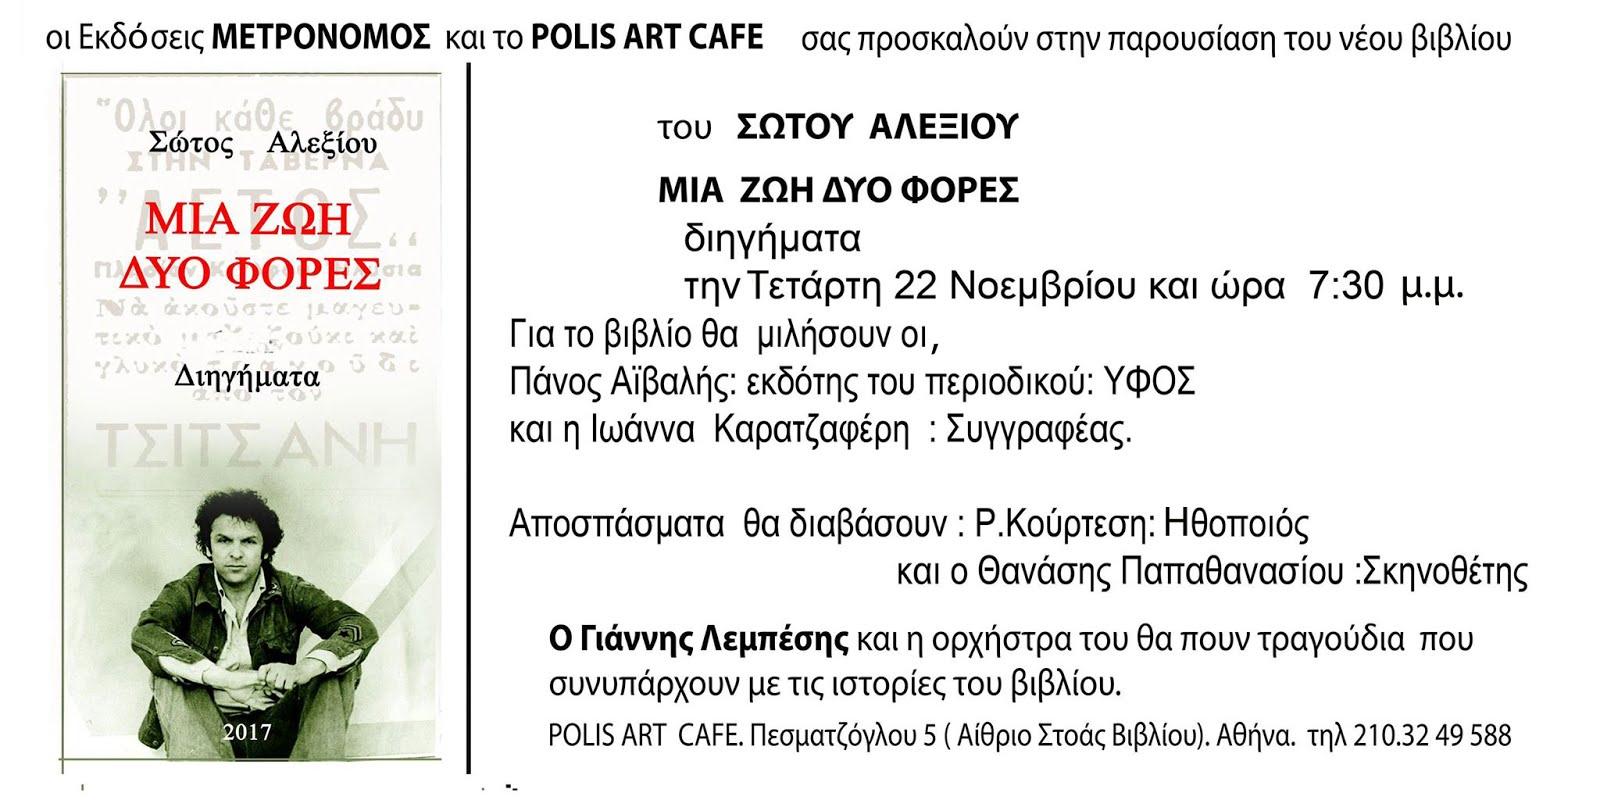 Η παρουσίαση του Βιβλίου θα γίνει στο ΠΟΛΙΣ ΑΡΤ ΚΑΦΕ  Στοά Βιβλίου Αθήνα